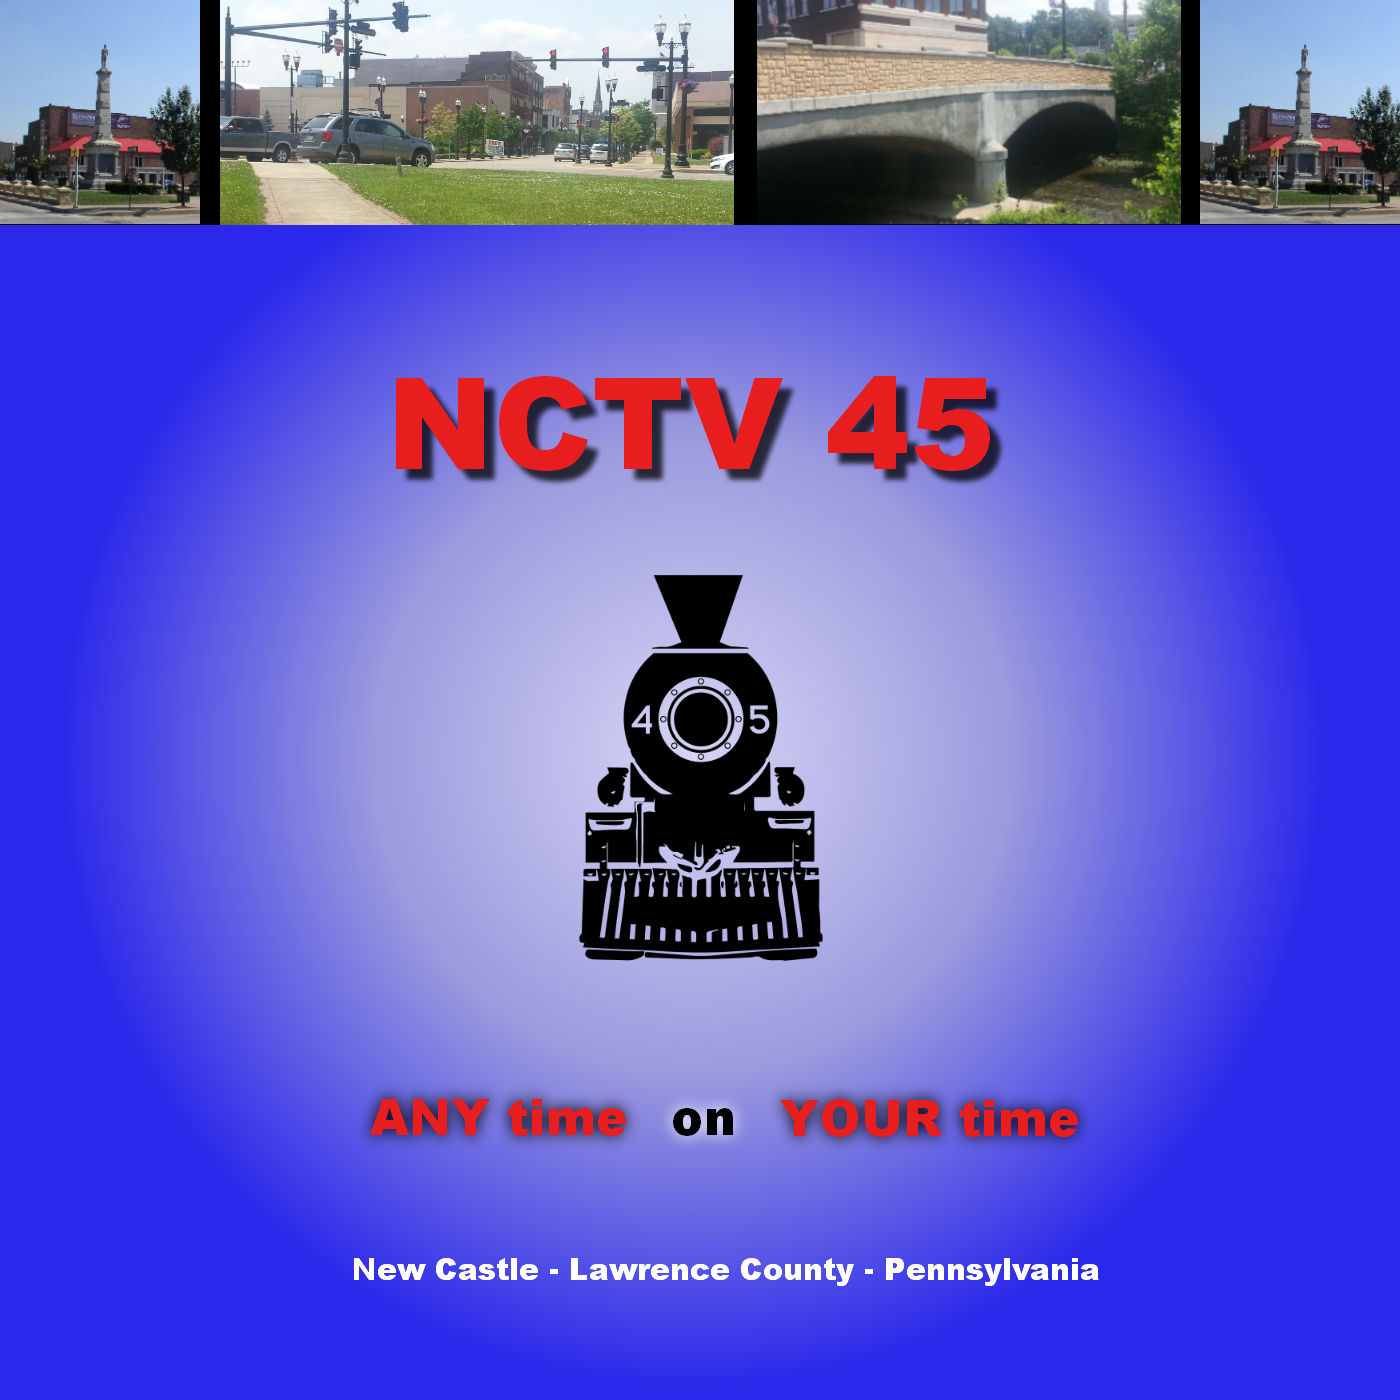 Artwork for NCTV45's NewsWatch NewsBrief Sharon Regional Reminder